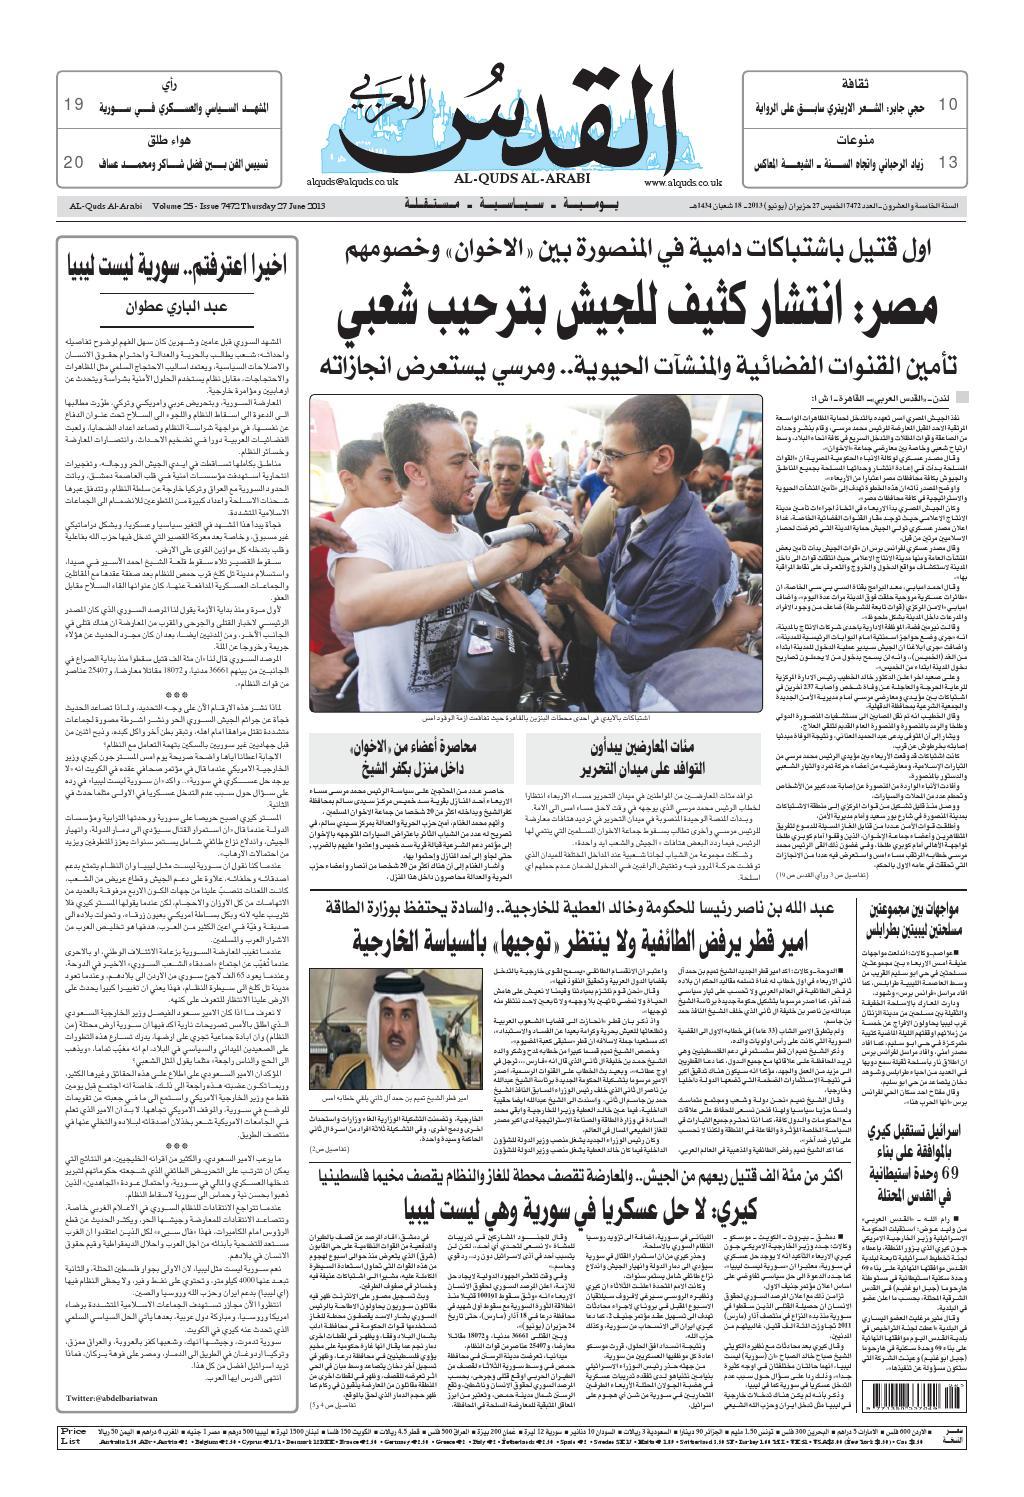 صحيفة القدس العربي الخميس 27 06 2013 By مركز الحدث Issuu